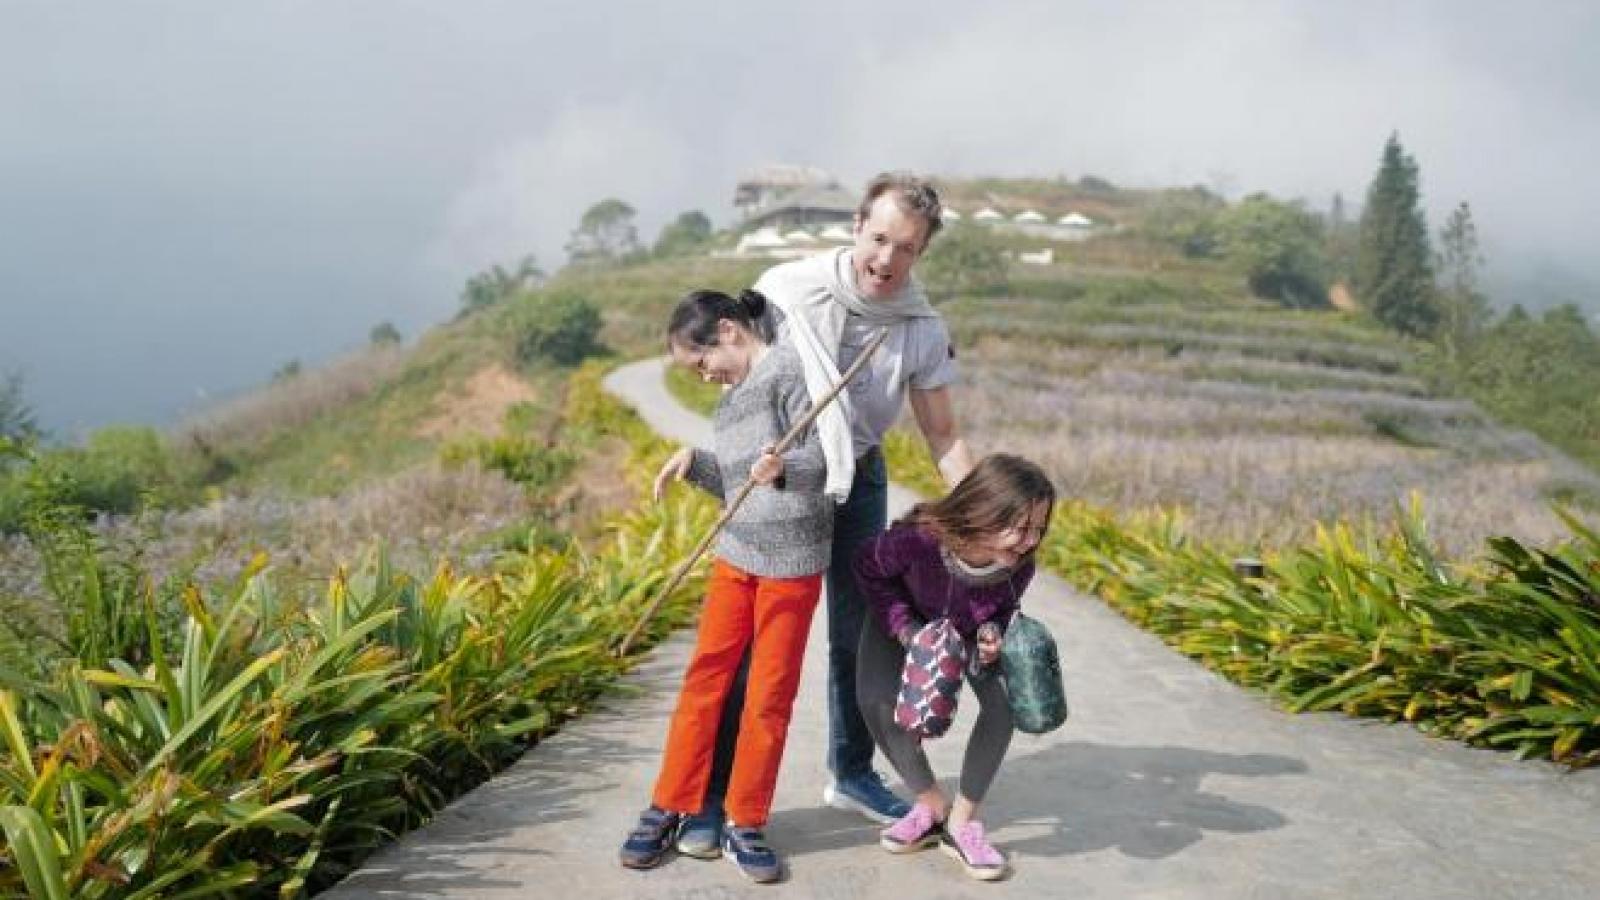 Chuyện showbiz: Diva Hồng Nhung bất ngờ khoe ảnh bạn trai thân thiết bên cặp song sinh